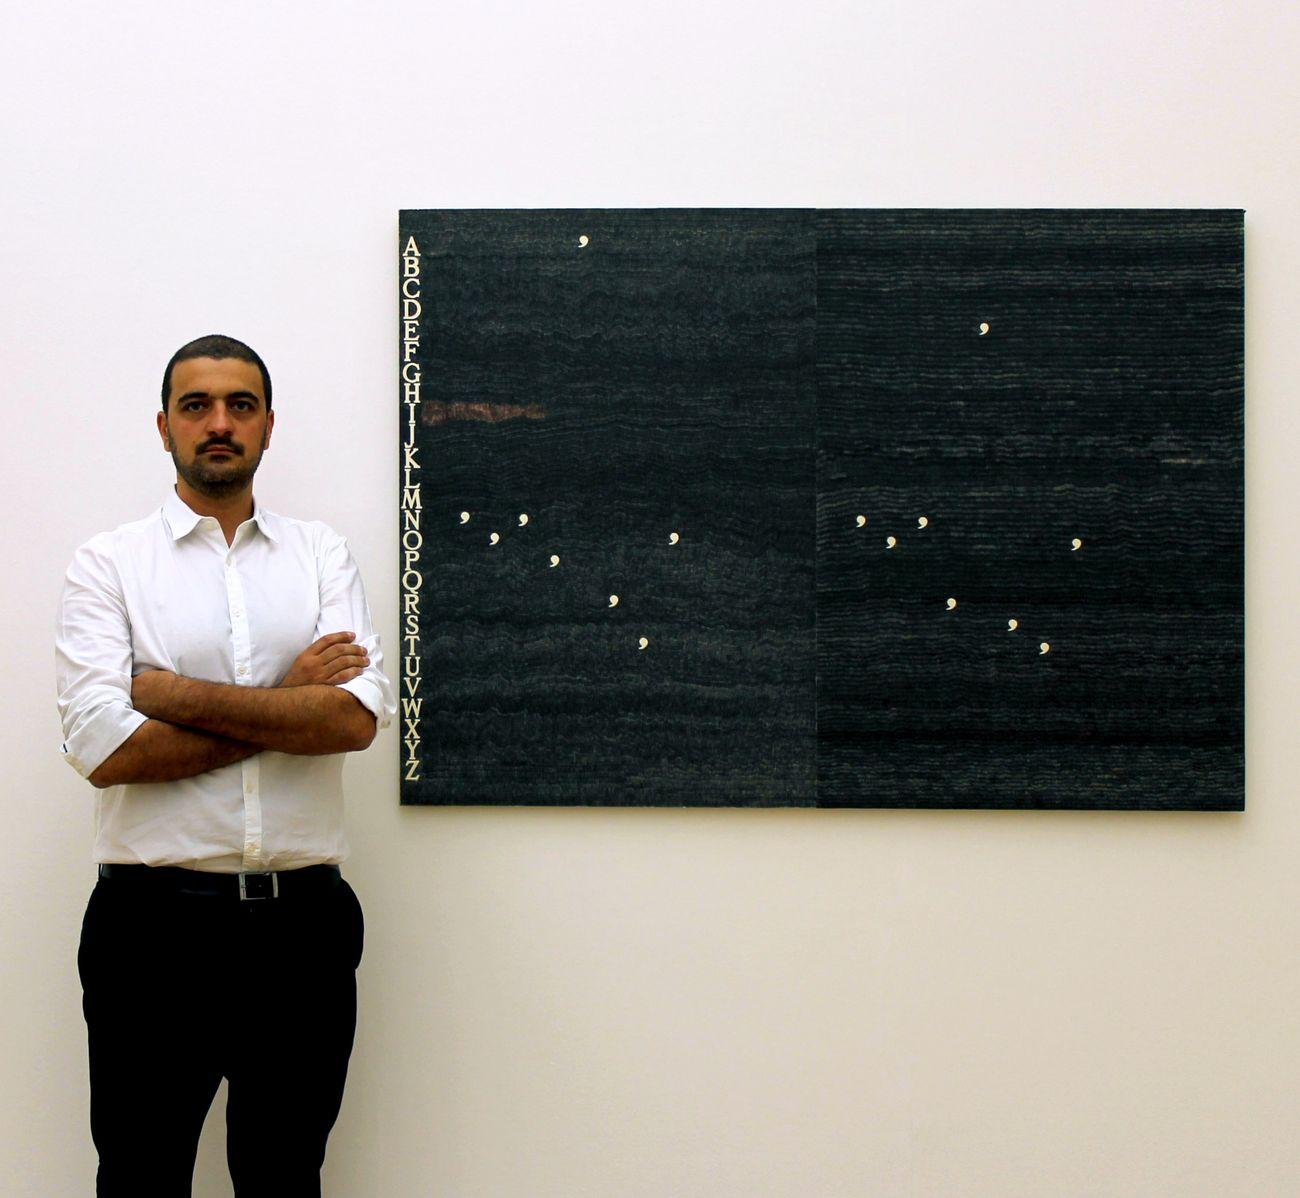 Lorenzo Balbi, direttore artistico MAMbo Museo d'Arte Moderna di Bologna. Photo Caterina Marcelli © MAMbo